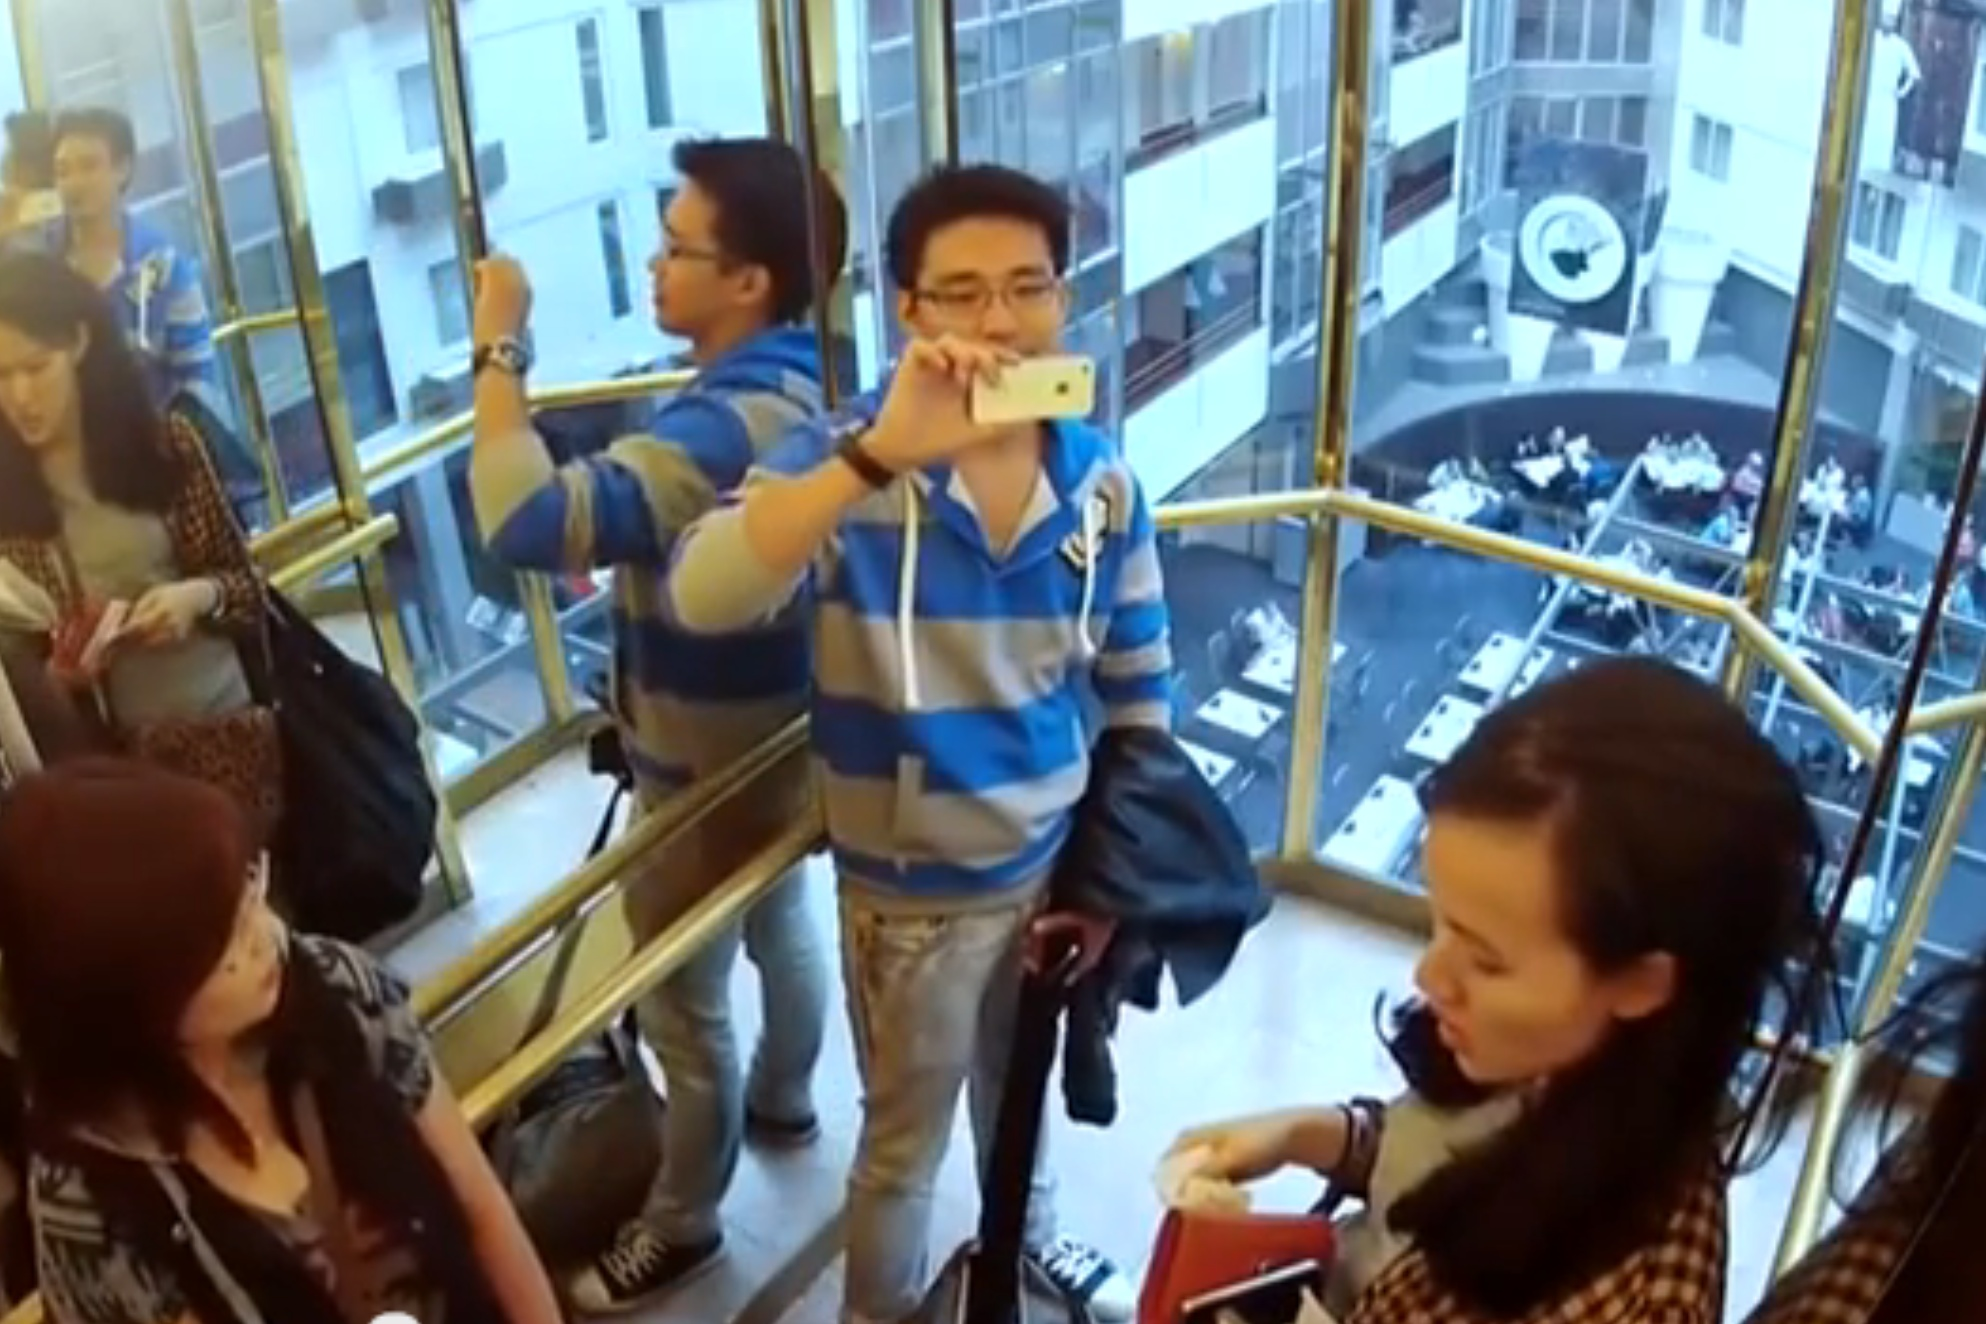 VIDEO: Intelevator hotelové hosty roztančil, roztleskal i pobavil